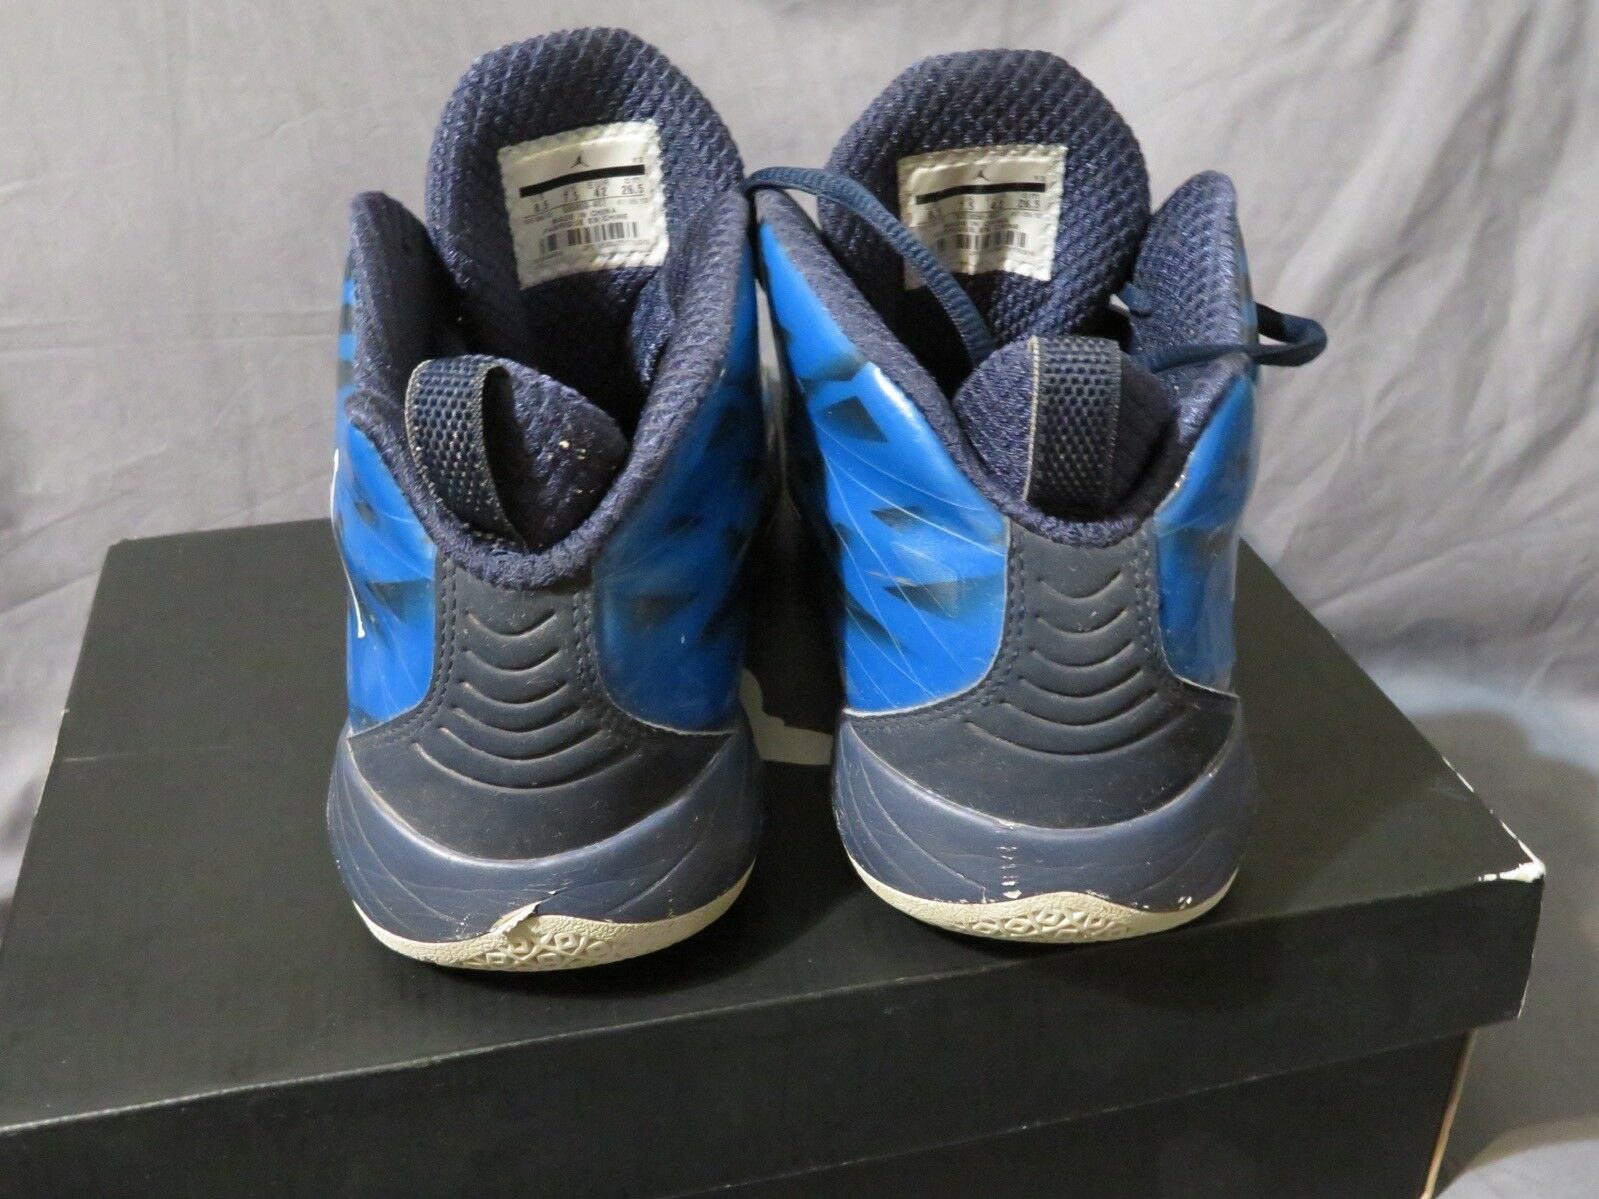 männer - air jordan 2012 lite ev schuhe foto blau 535859 - weiß - schwarz 535859 blau 407 größe 8,5 527f3c